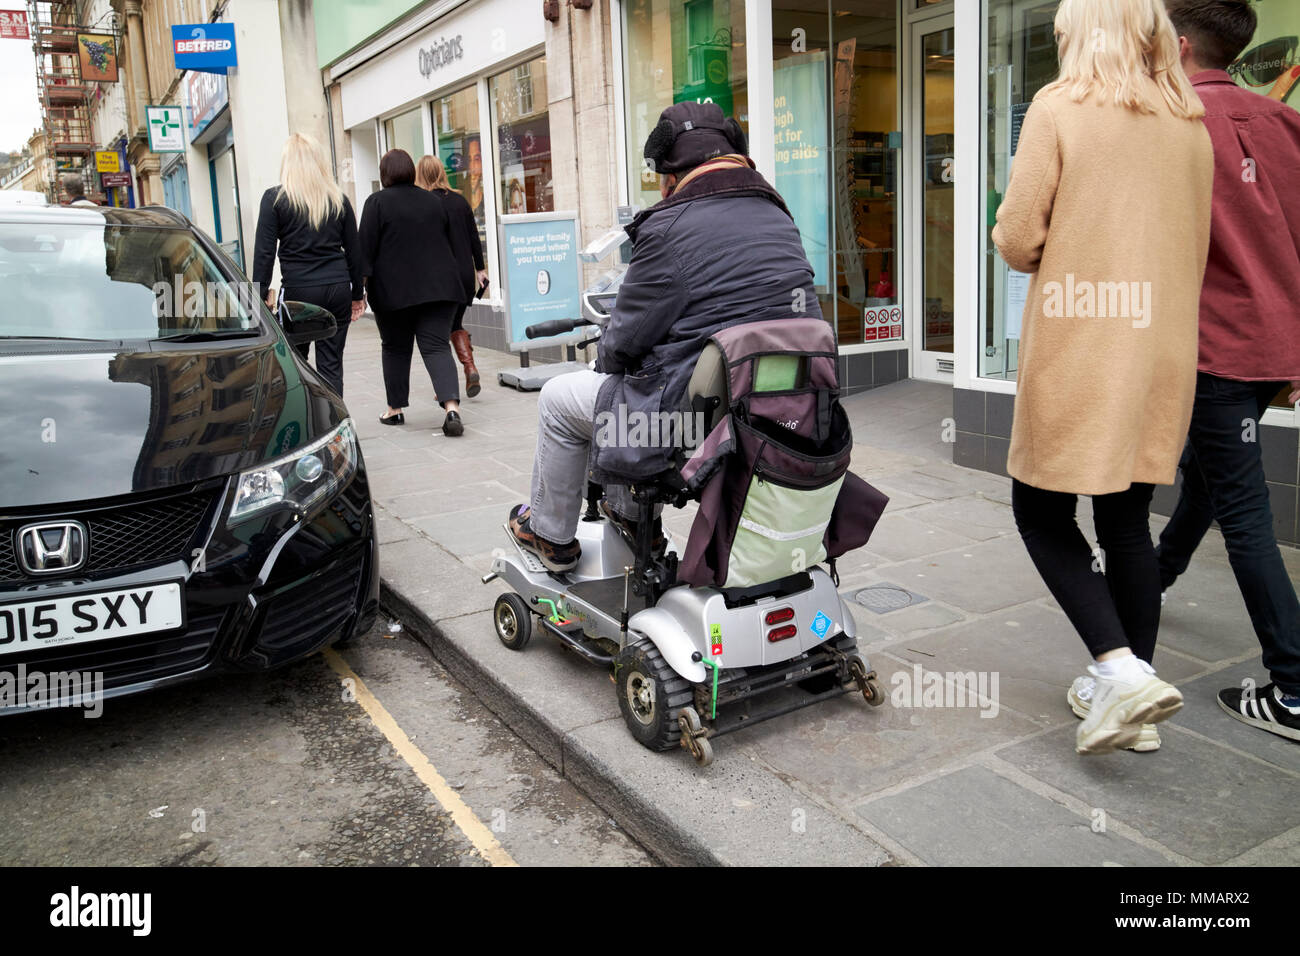 L'uomo corse handicap scooter sul marciapiede nel centro città di Bath England Regno Unito Immagini Stock